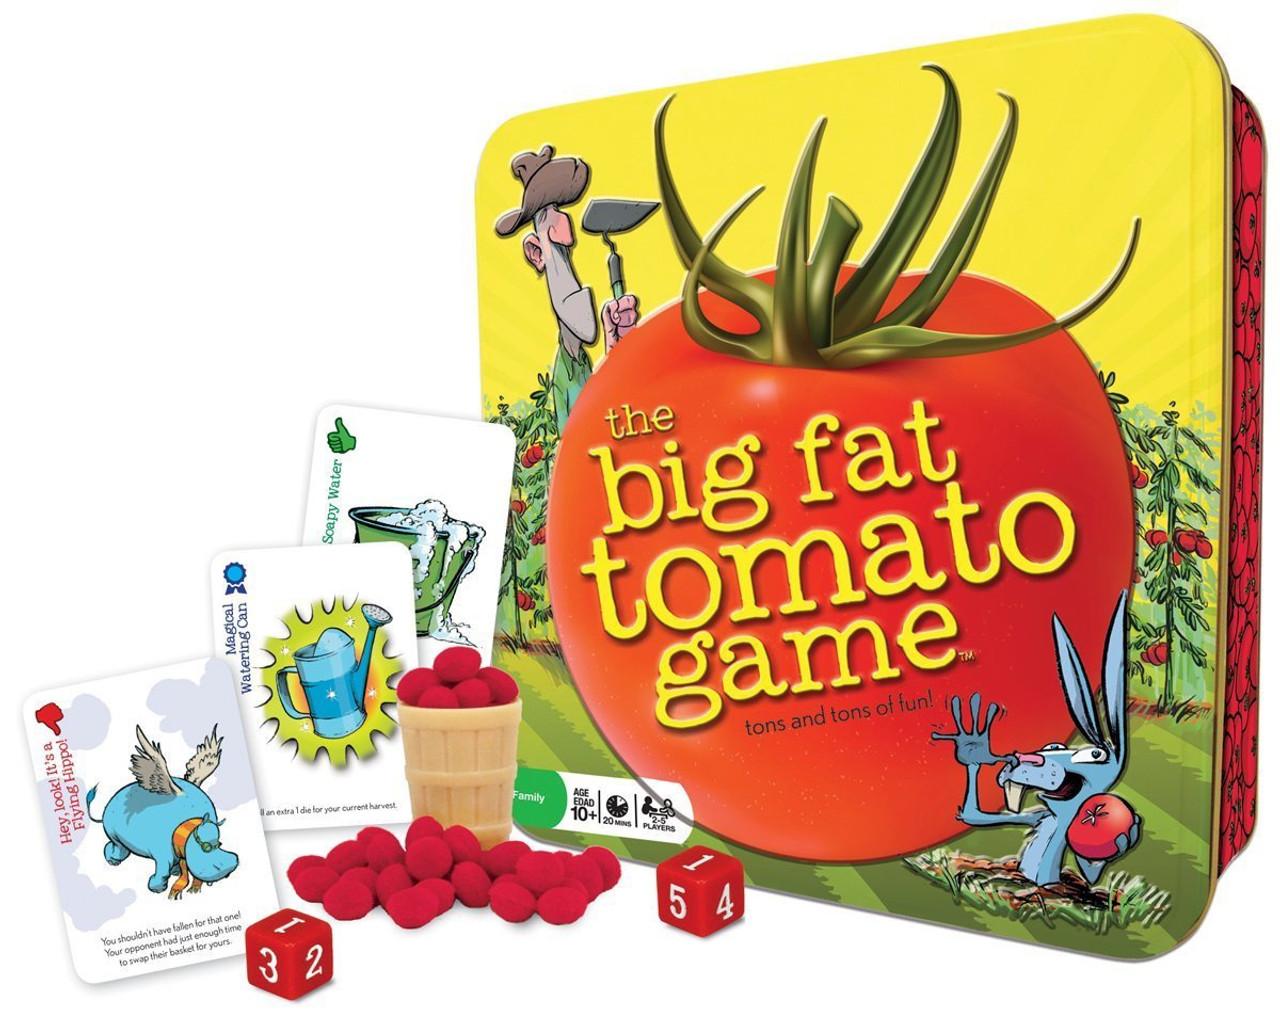 THE BIG FAT TOMATO GAME